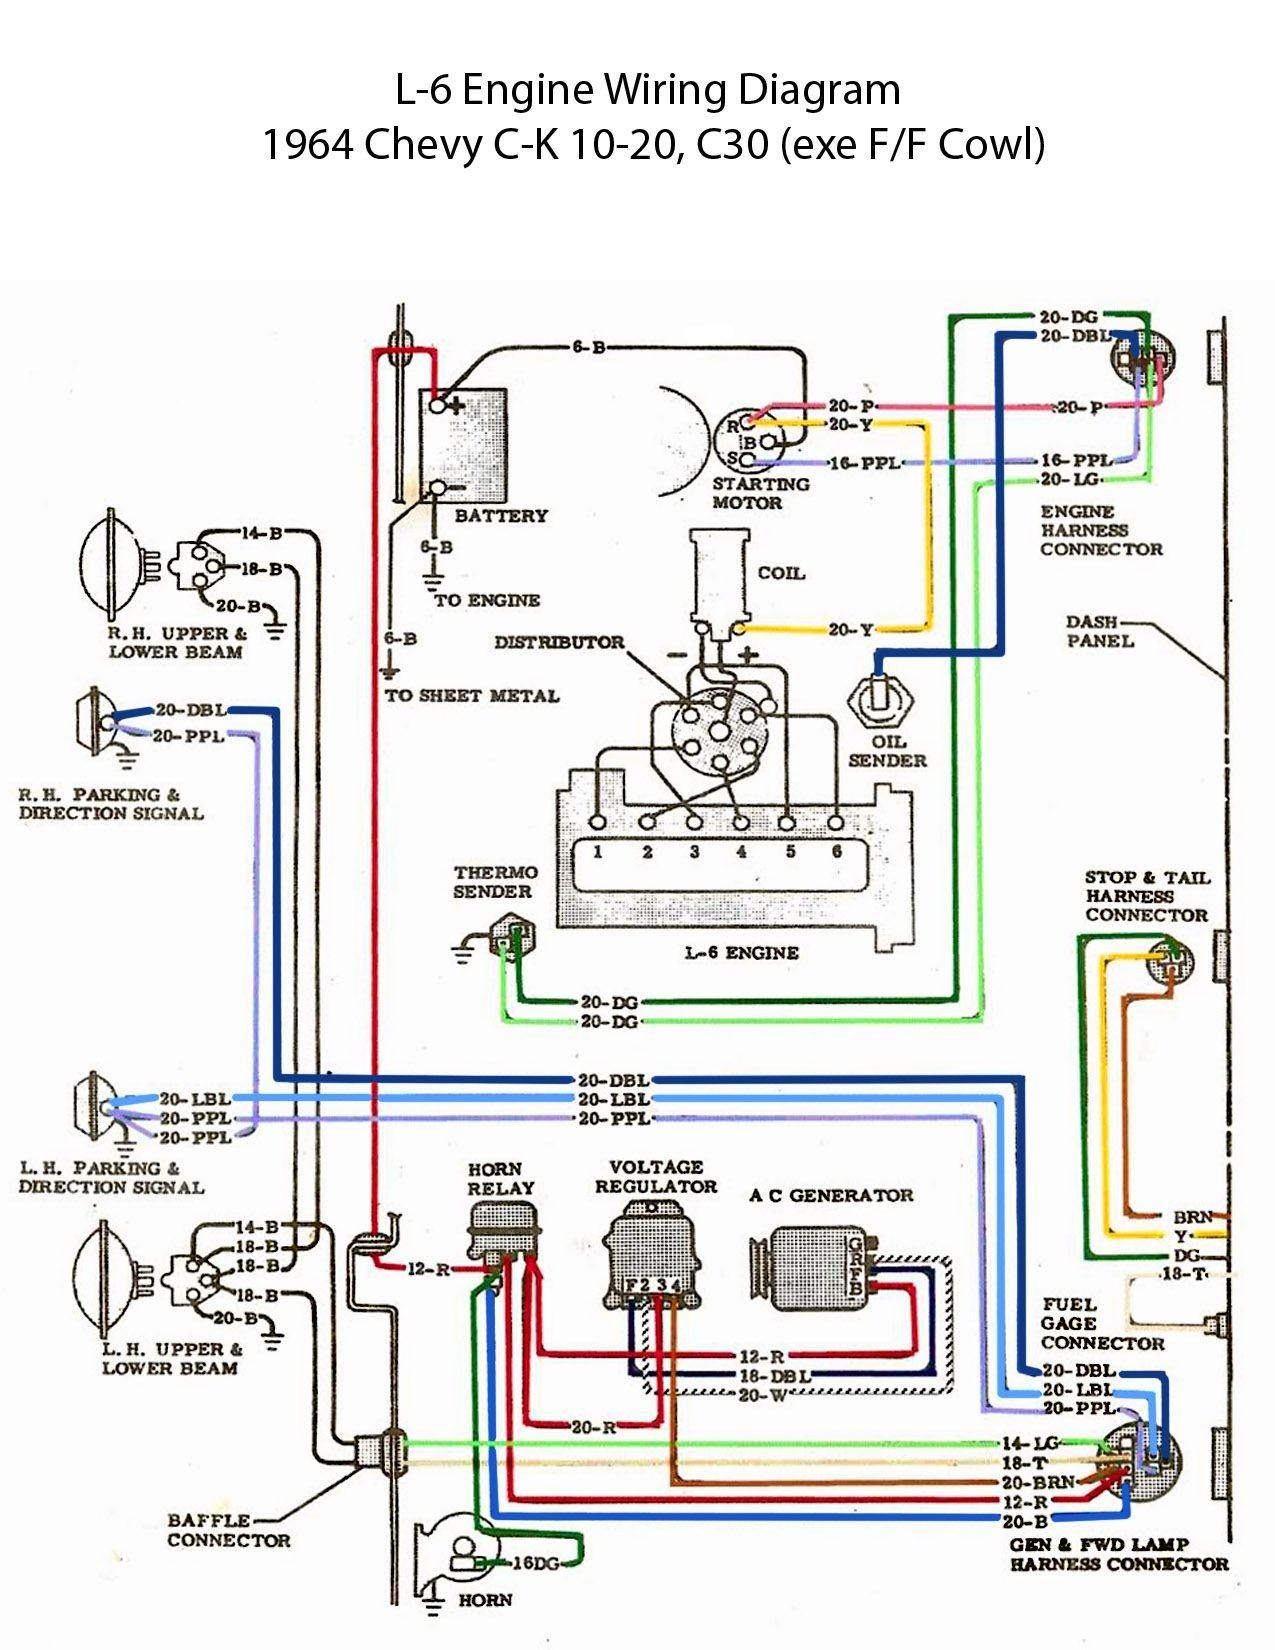 Car Engine Layout Diagram Car Engine Wiring Diagram Layout Wiring Diagrams • Of Car Engine Layout Diagram